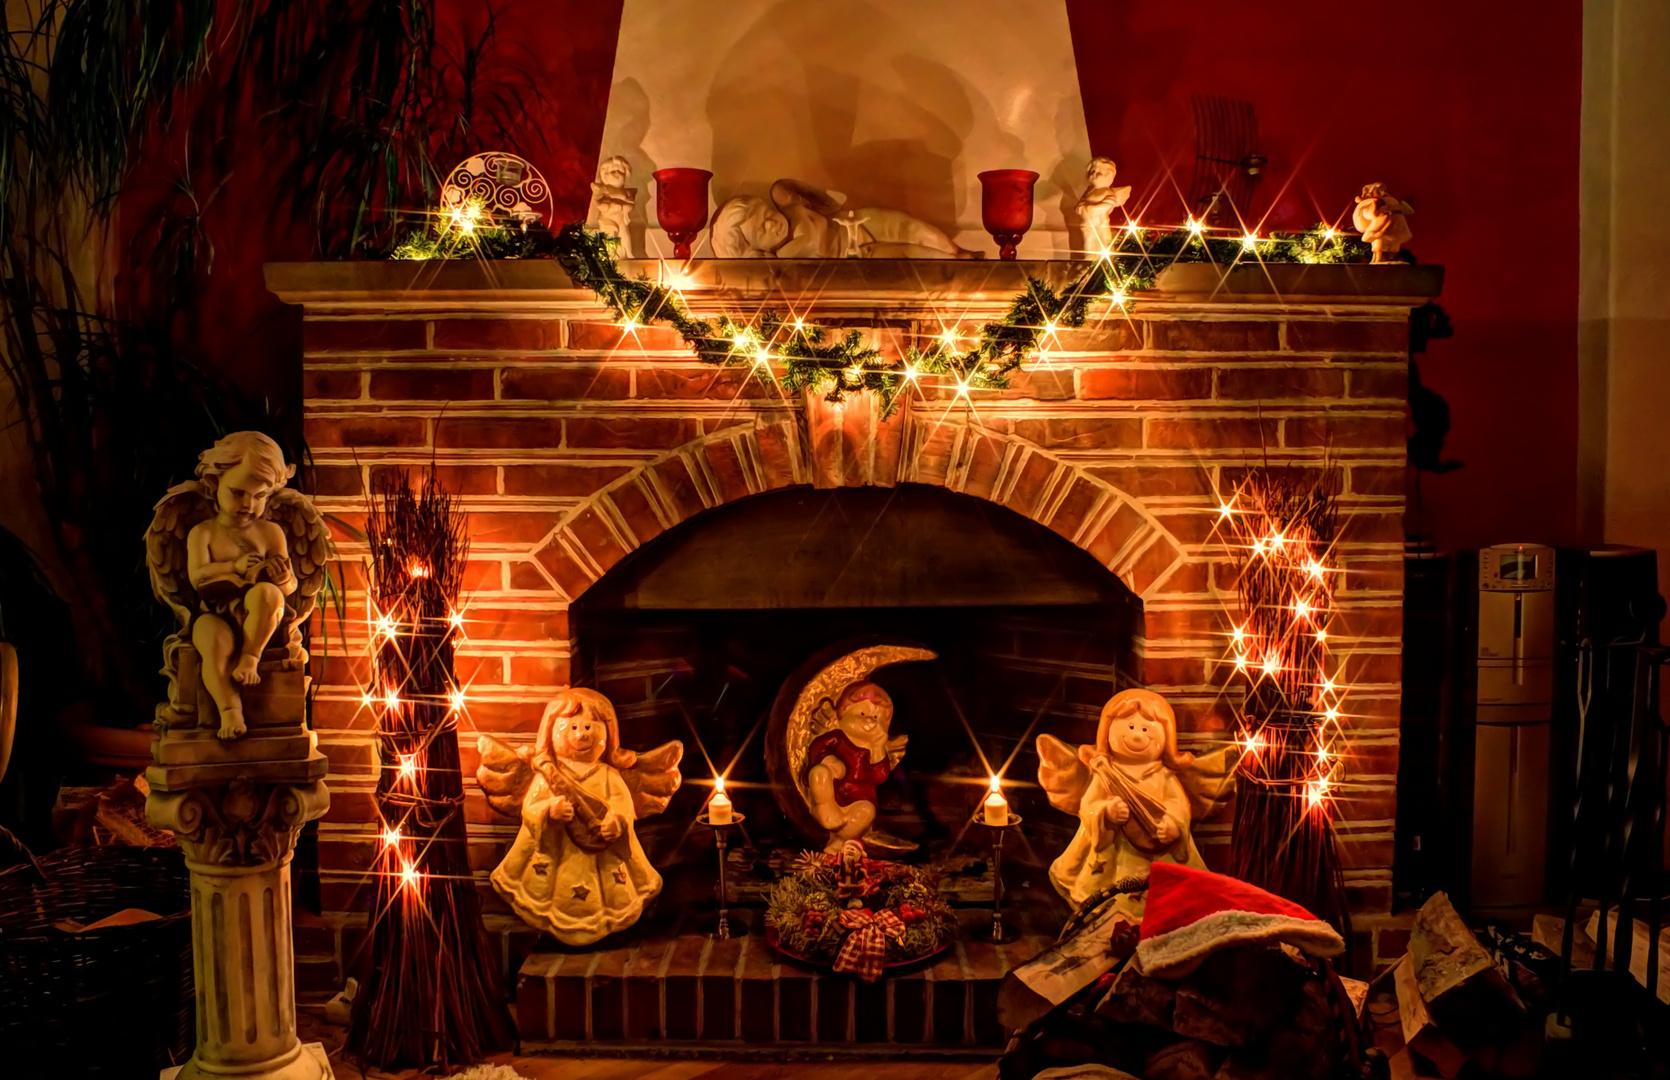 wundersch ne weihnachtszeit foto bild gratulation und. Black Bedroom Furniture Sets. Home Design Ideas